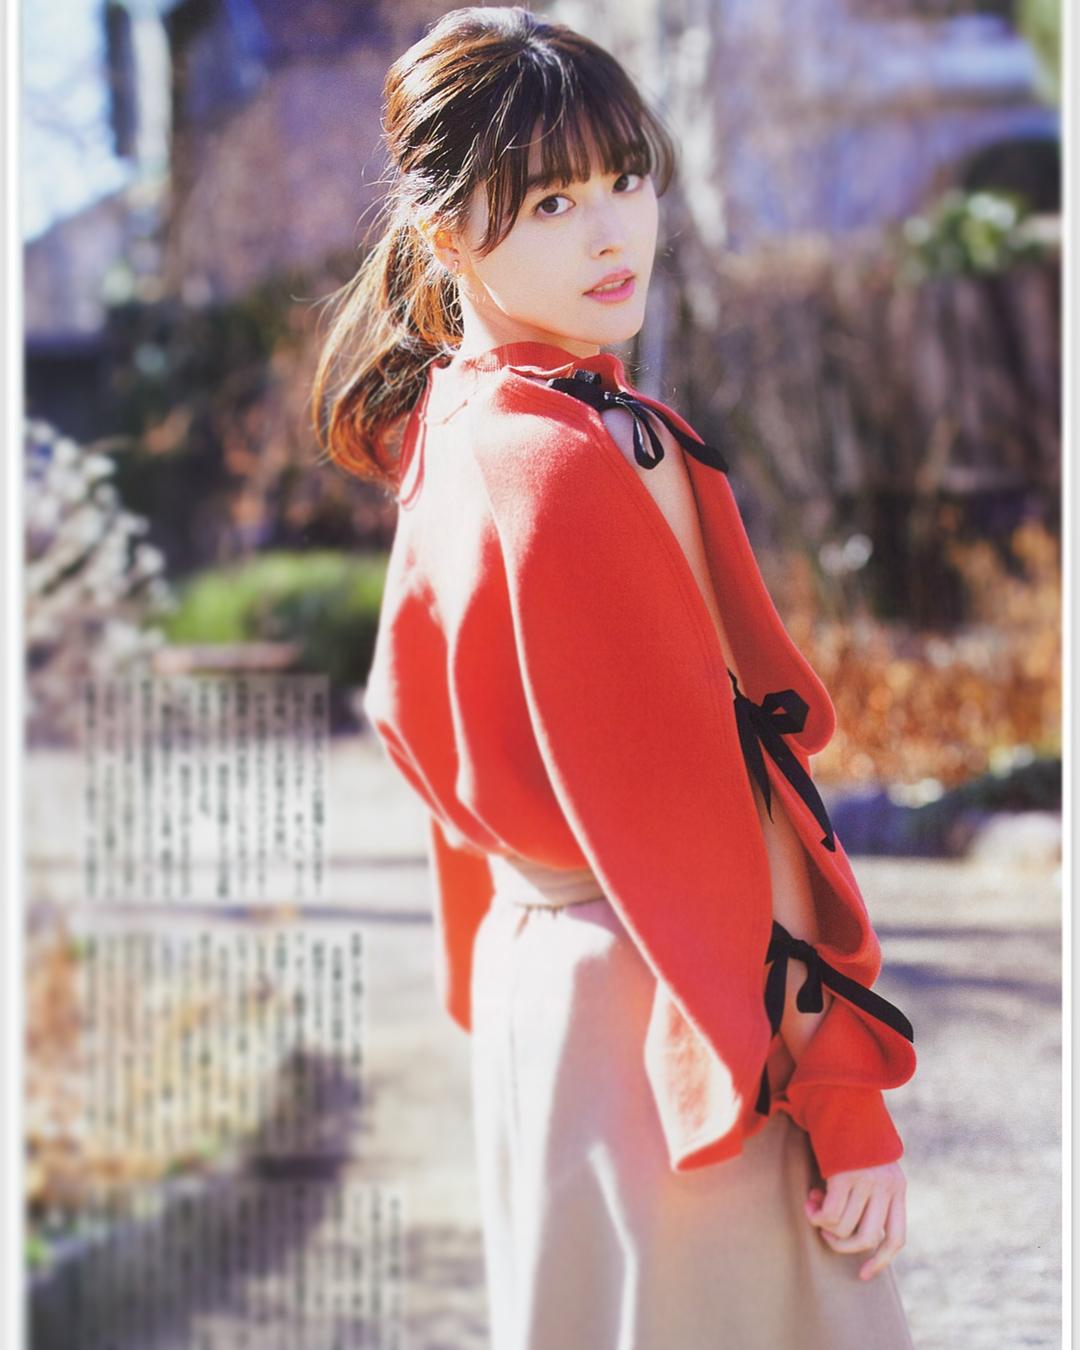 Kusumi Koharu (久住小春)